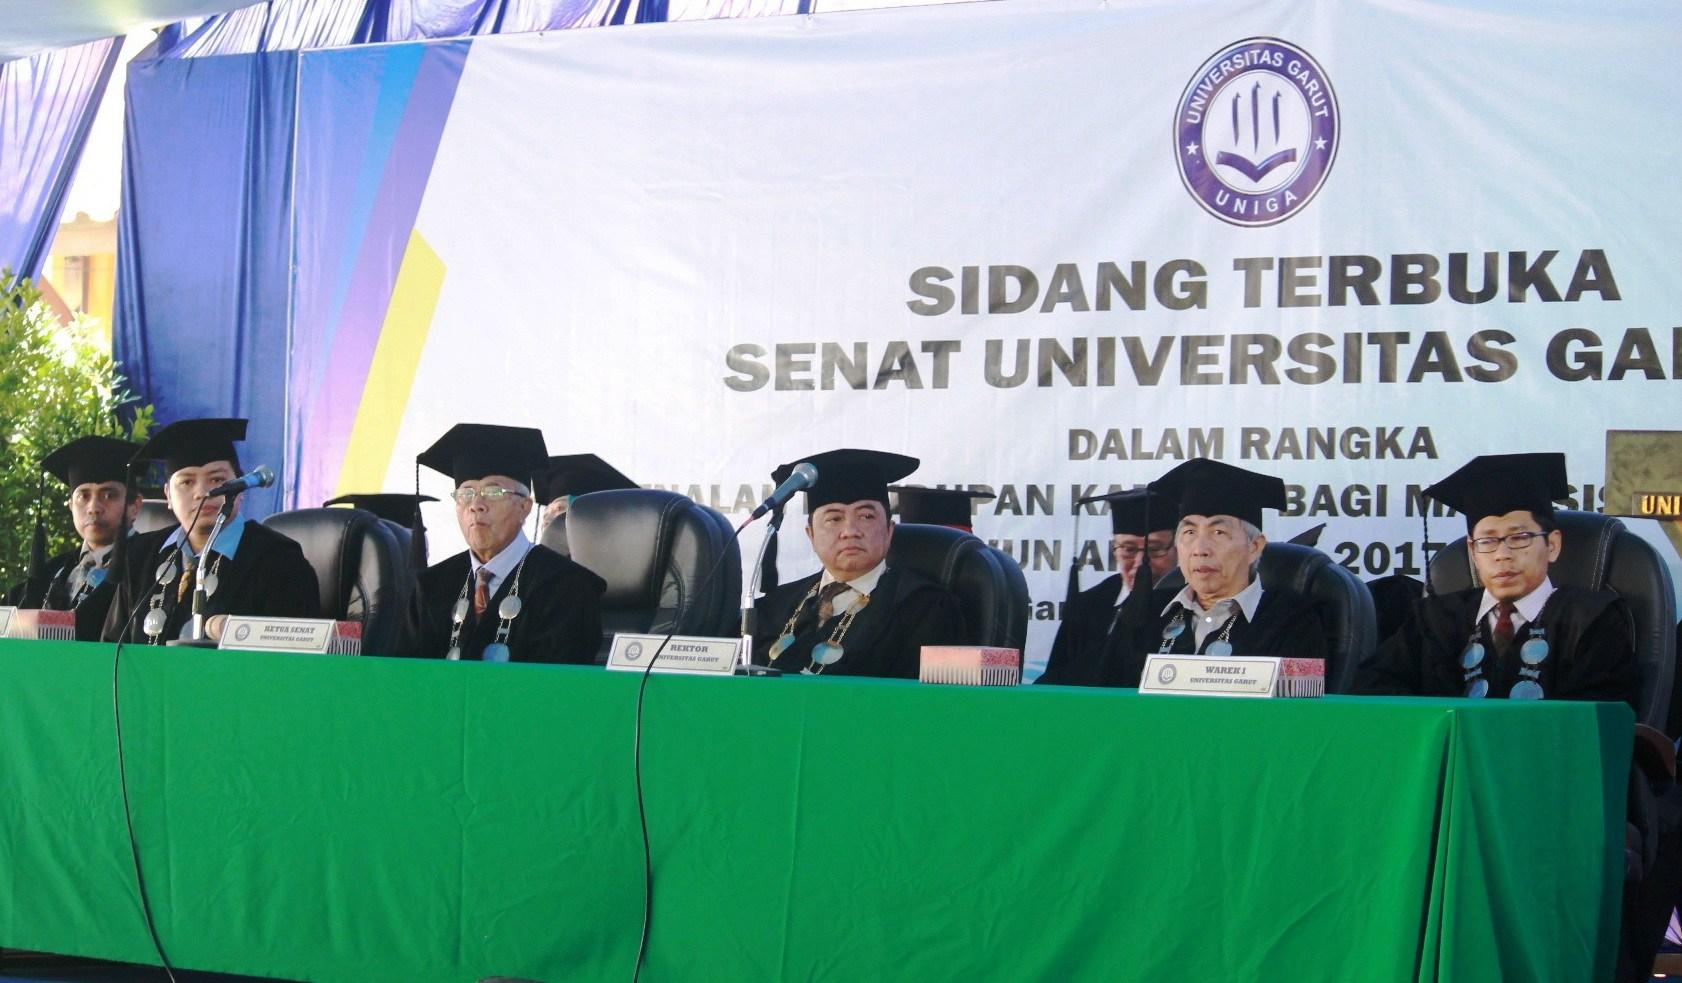 Besok Uniga wisuda 433 lulusan, 115 diantaranya berasal dari Luar Pulau Jawa